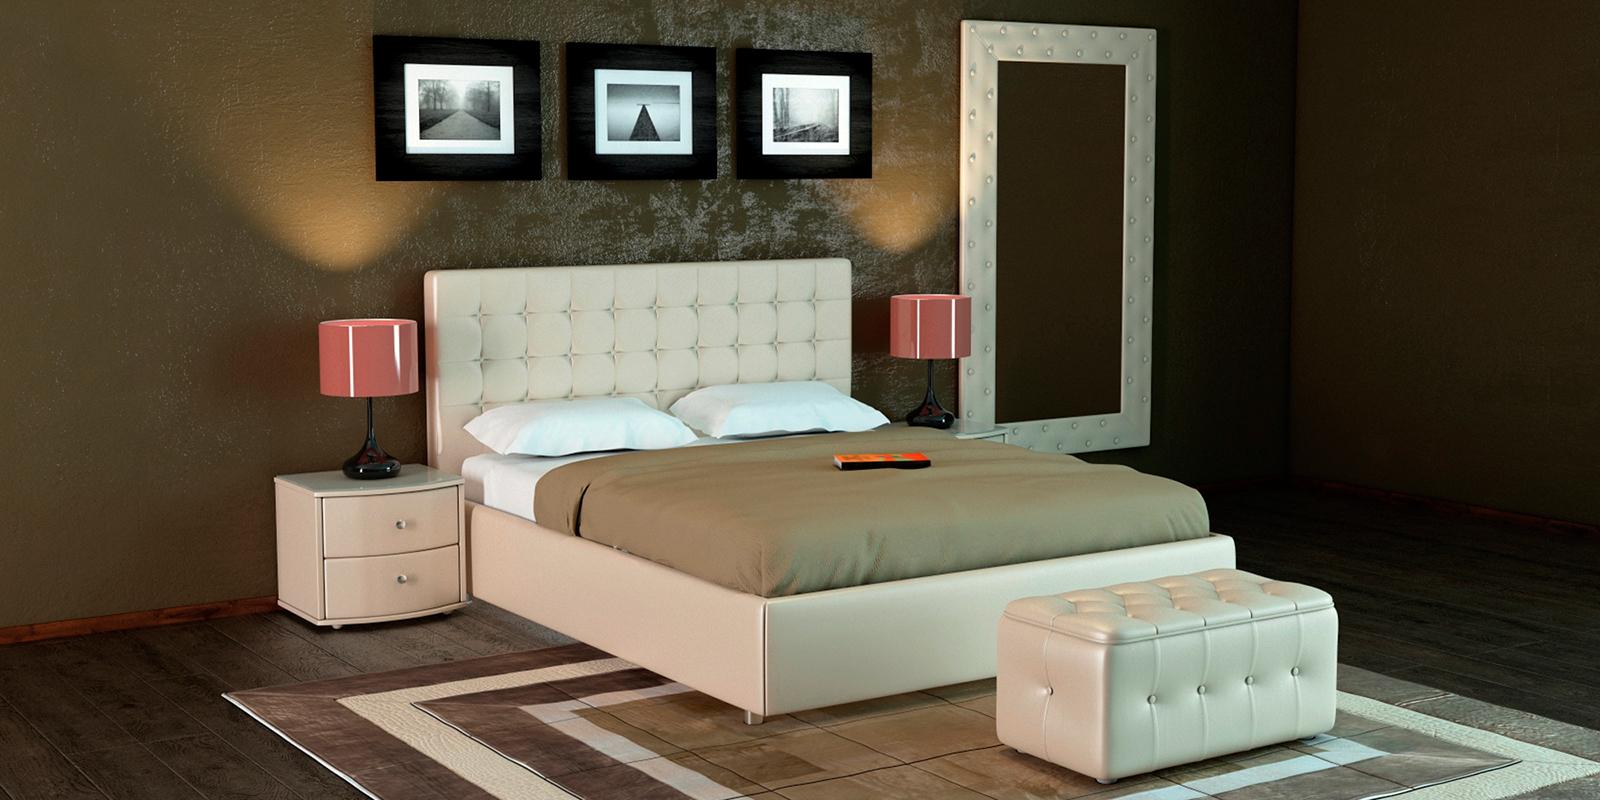 Мягкая кровать 200х160 Малибу вариант №3 с ортопедическим основанием (Бежевый)